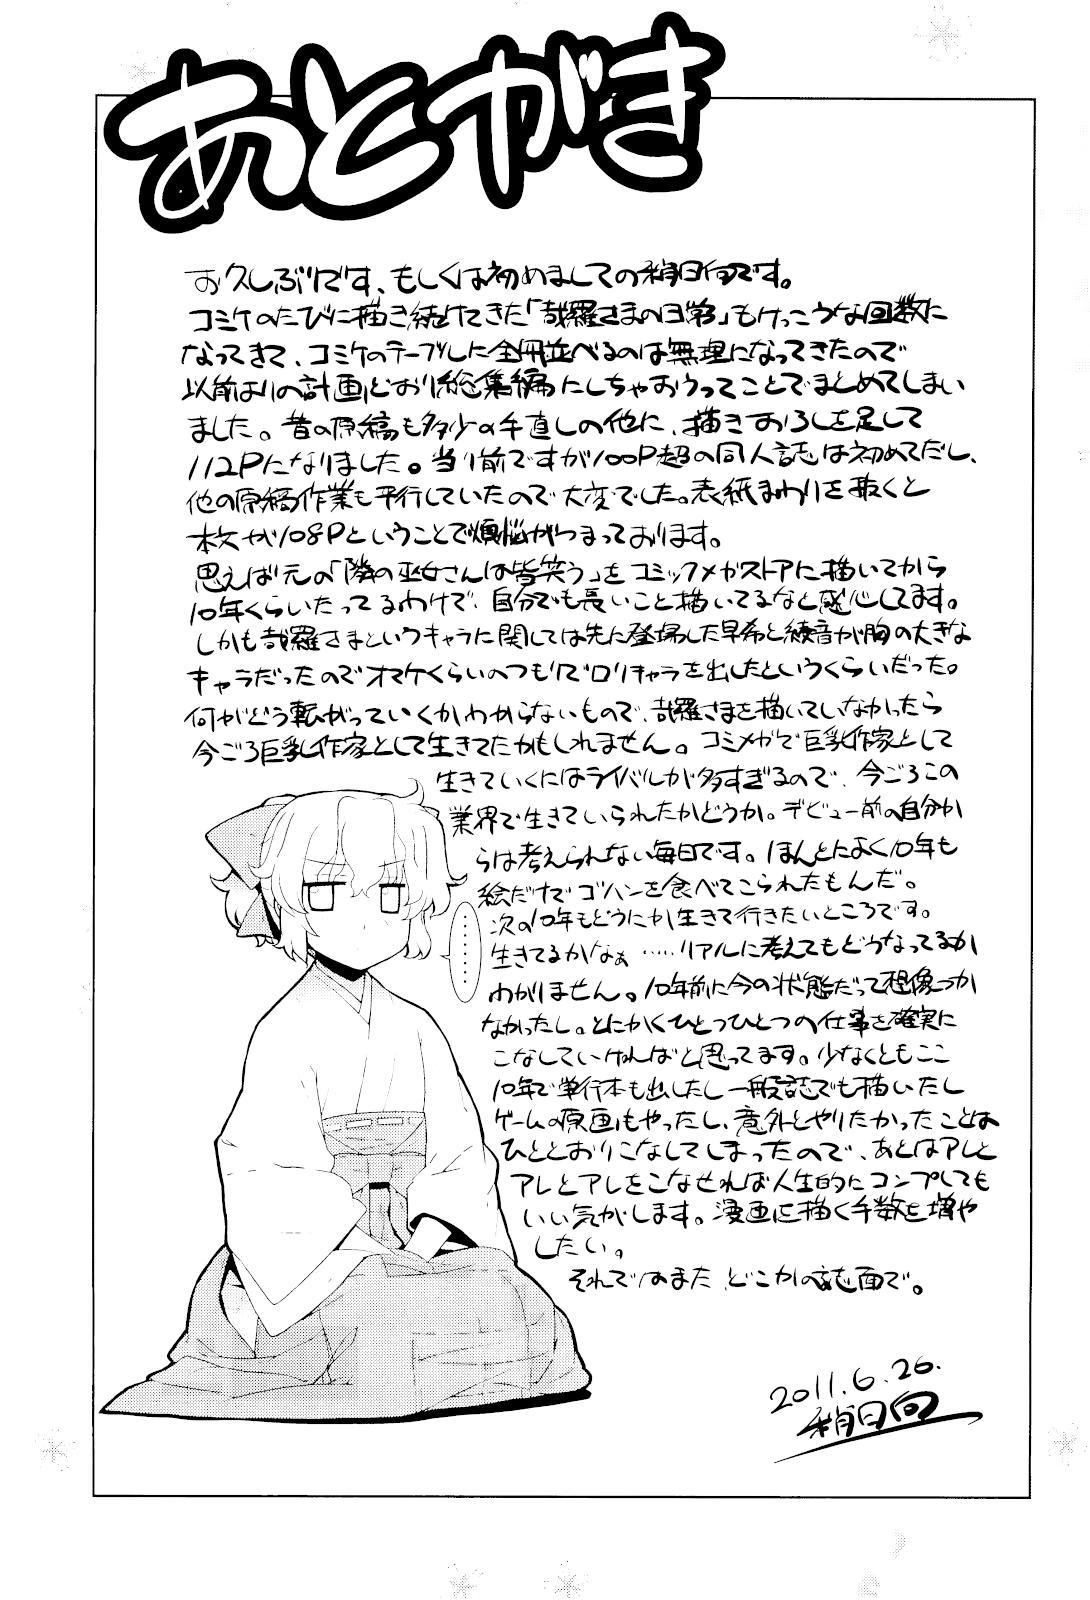 Kanara-sama no Nichijou +alpha 20